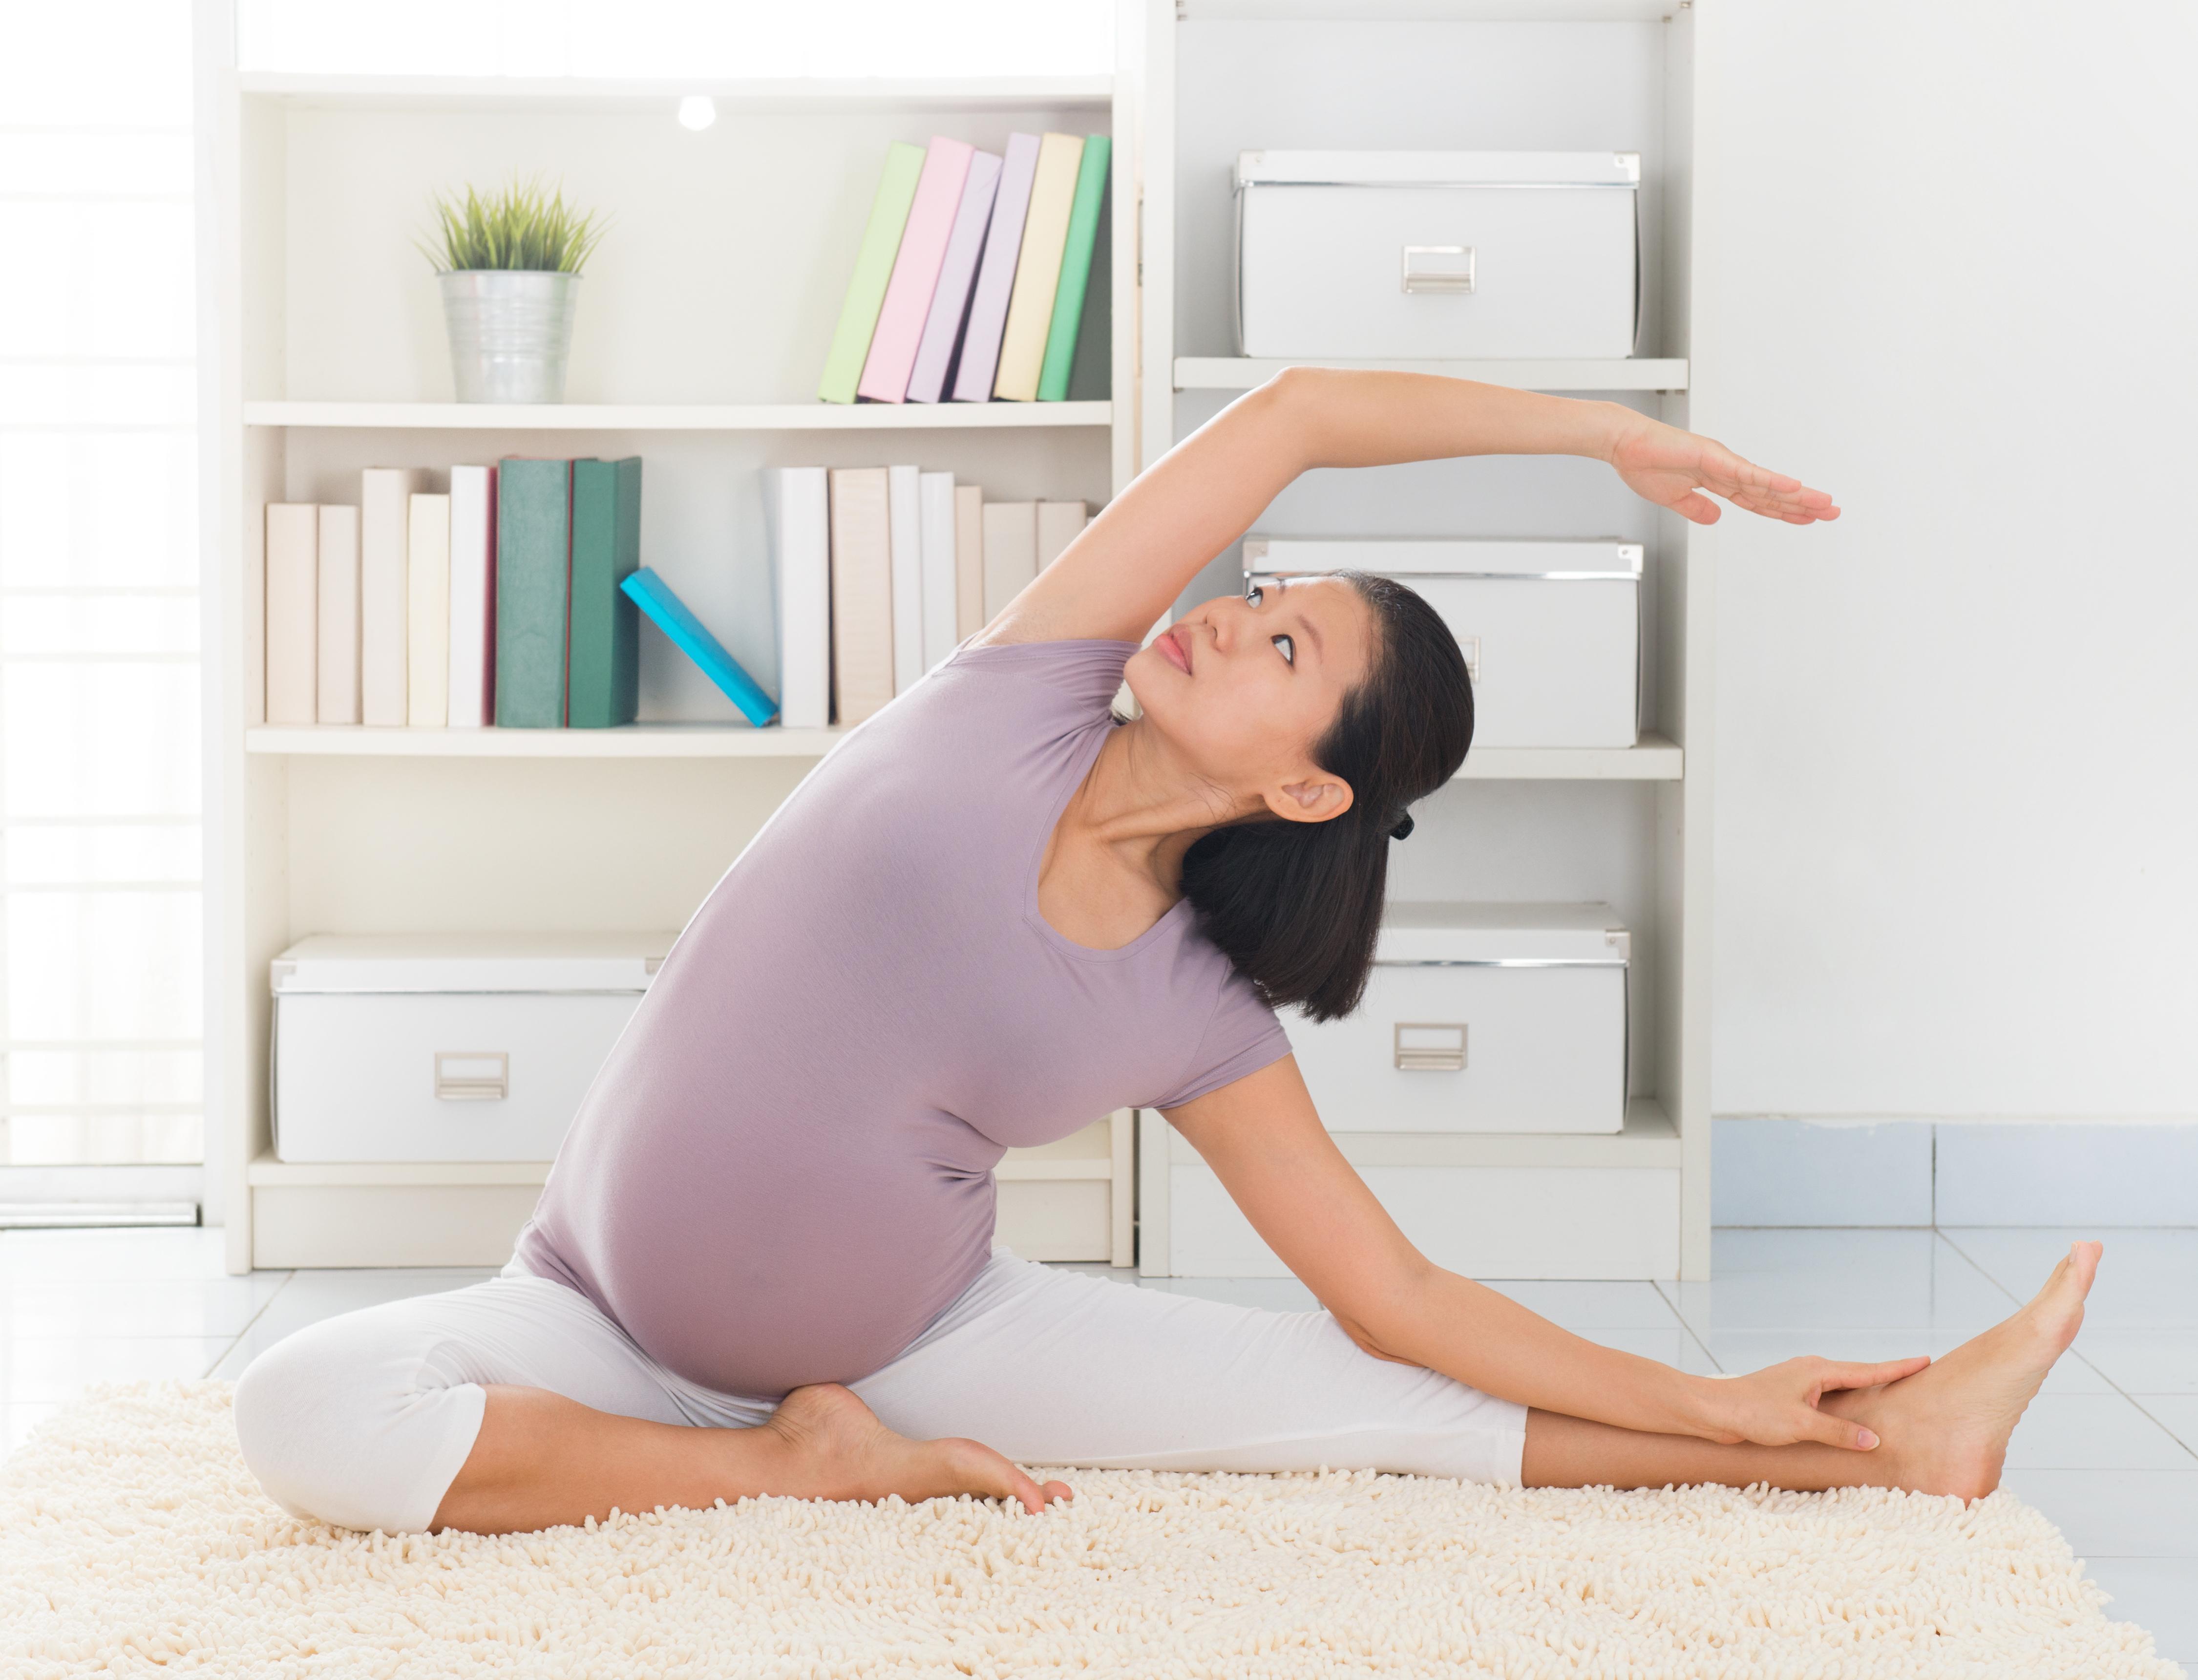 Anneler İçin Egzersiz 2. Seviye Dersleri